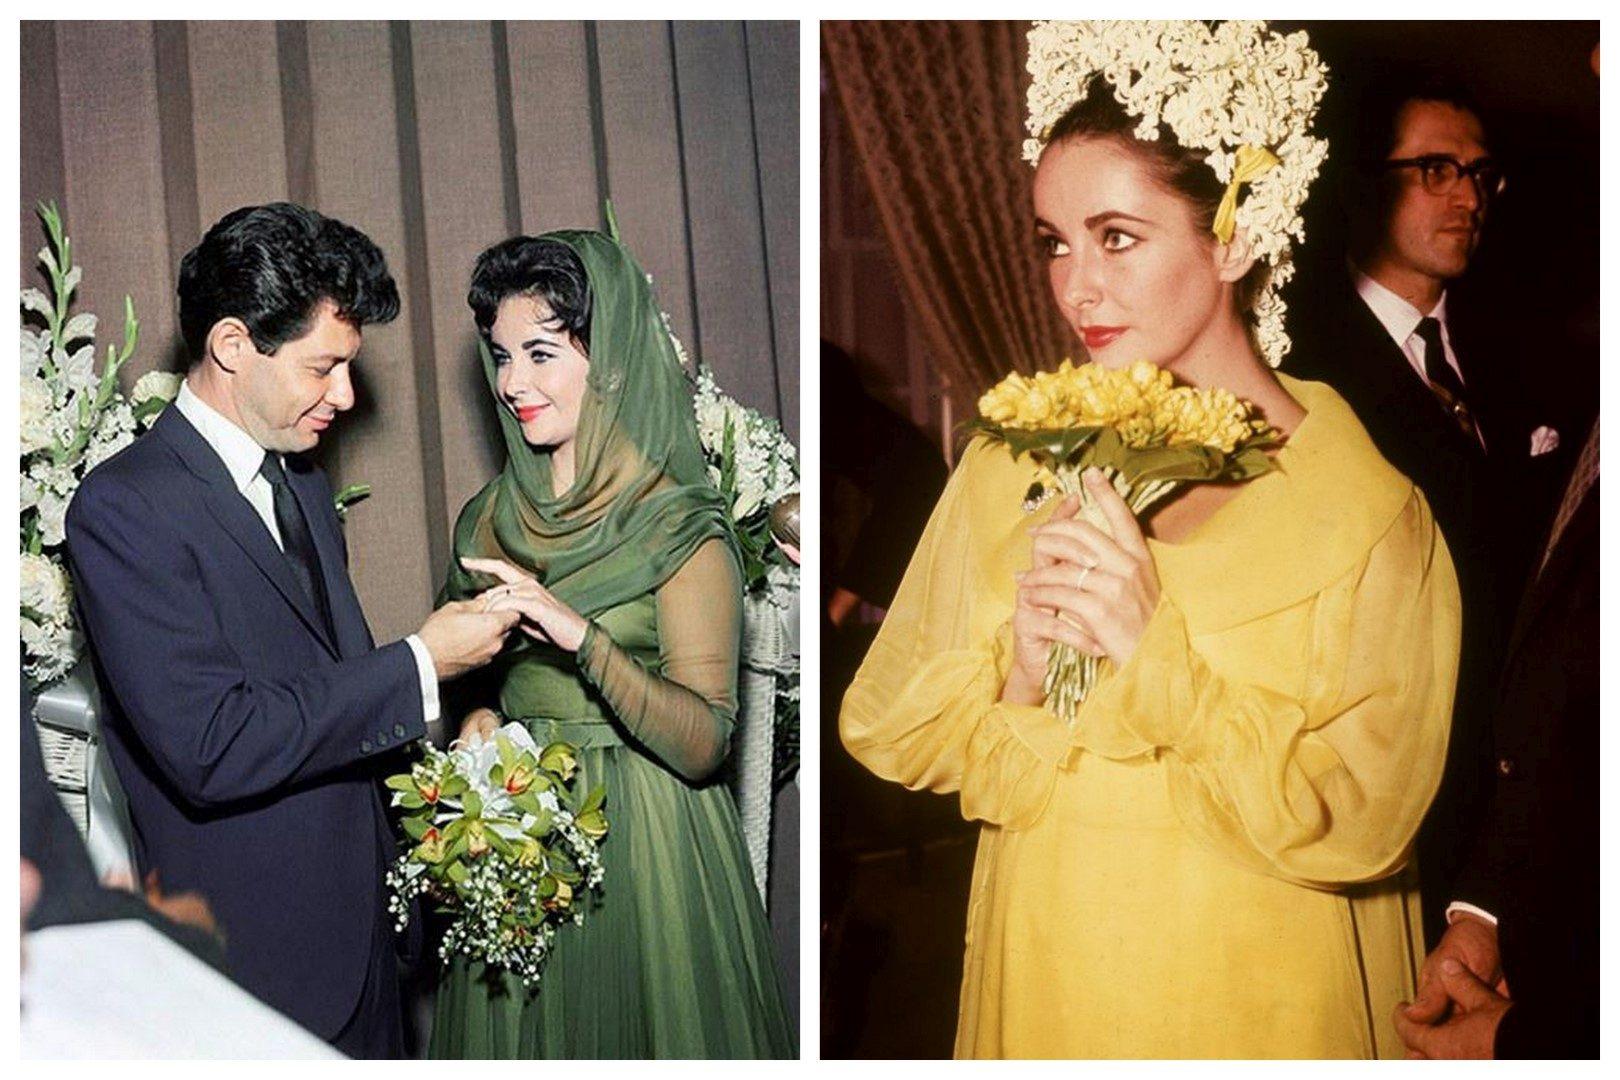 Hírességek, akik a színes menyasszonyi ruha mellett döntöttek